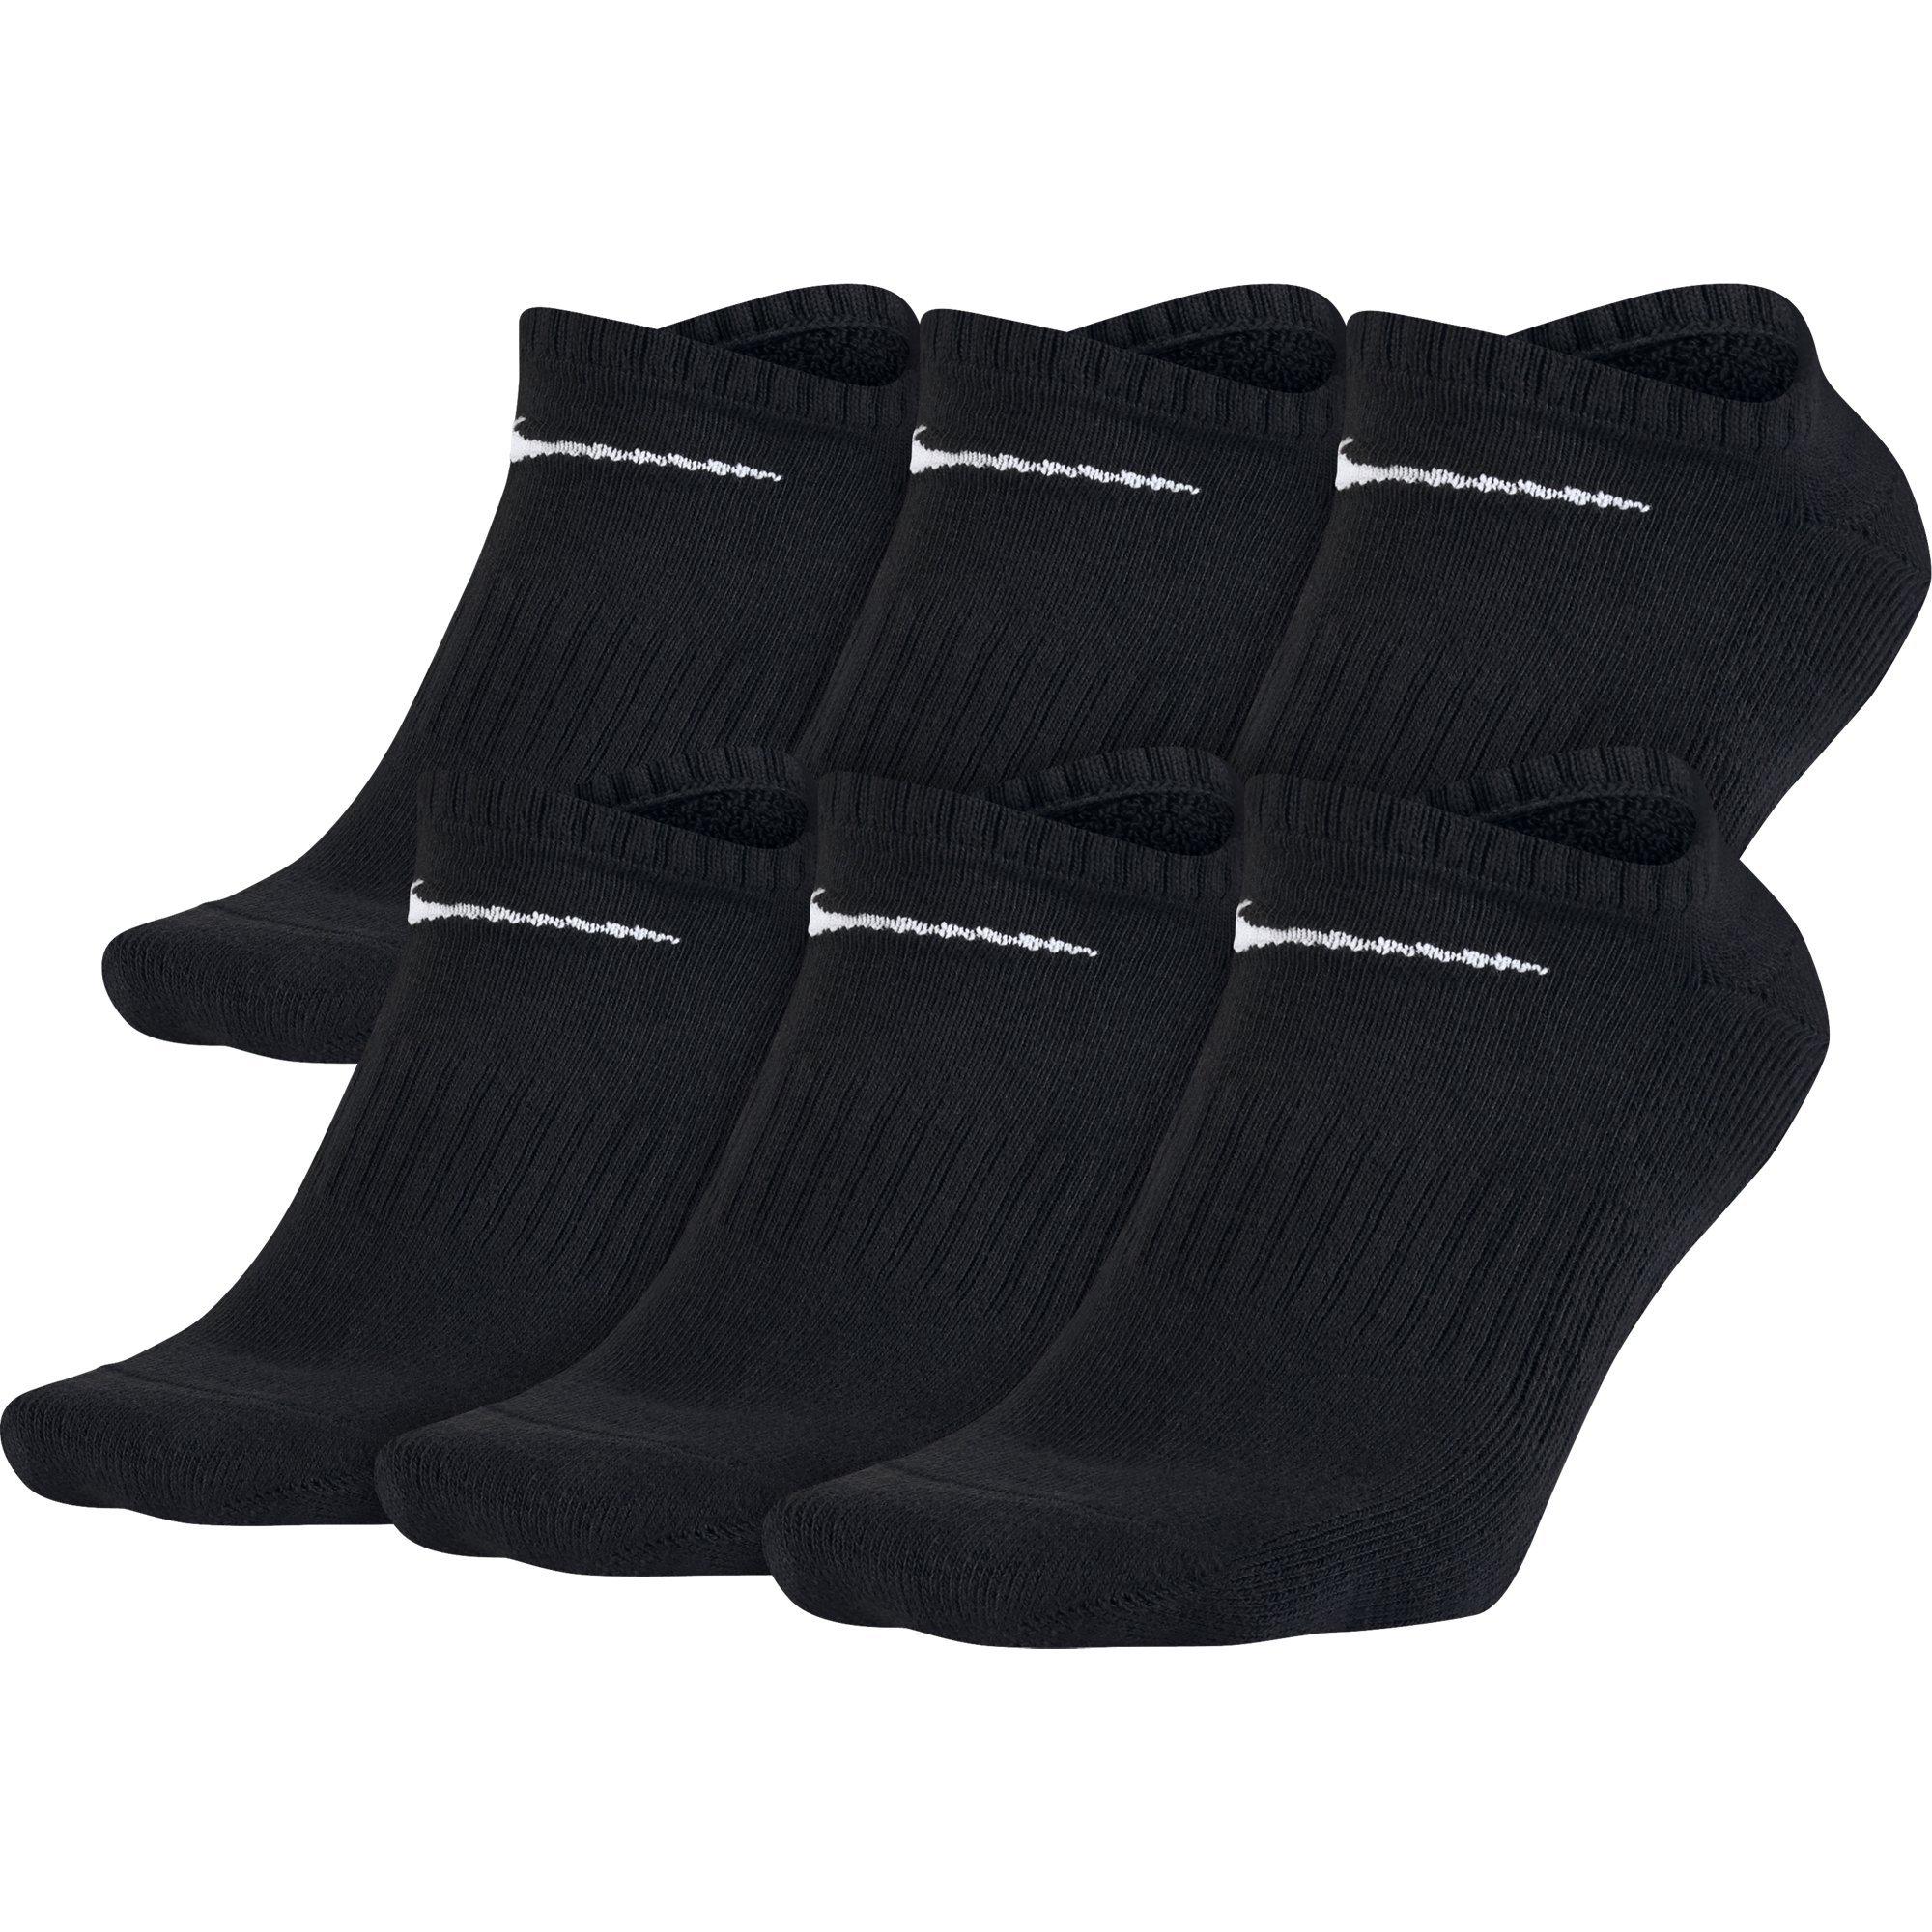 NIKE Unisex Performance Cushion No-Show Socks with Band (6 Pairs), Black/White, Large